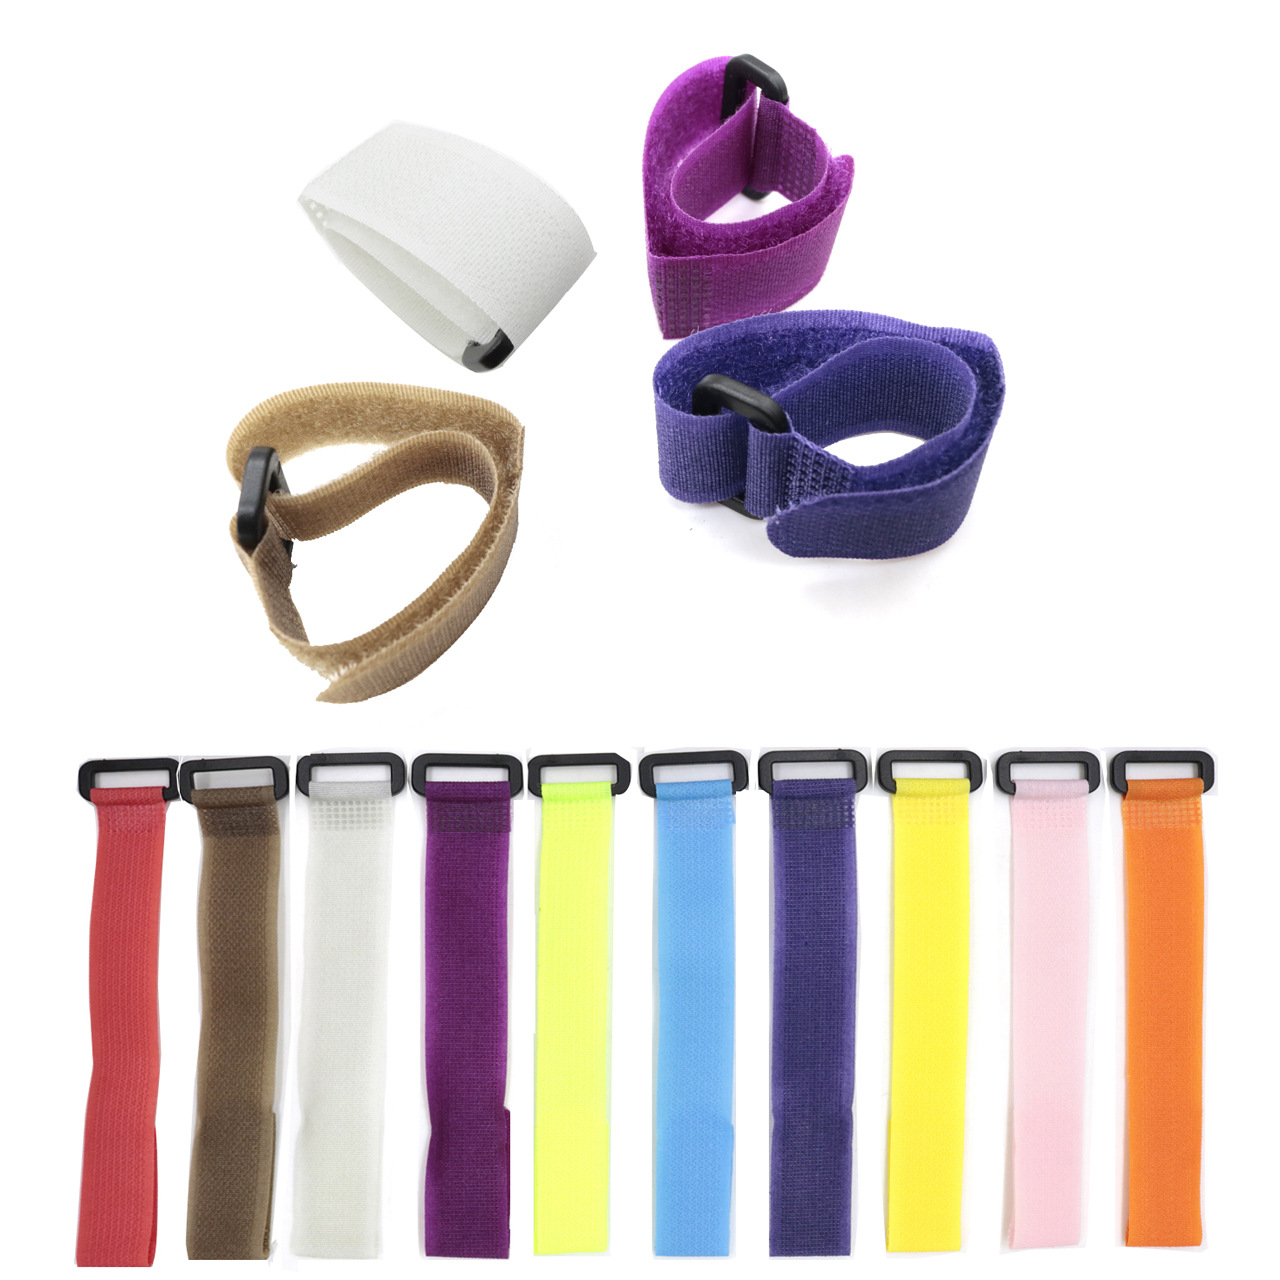 5pcs Reusable Fishing Rod Tie Holder Strap Suspenders Fastener Hook Loop Cable Cord Ties Belt Fishing Accessories